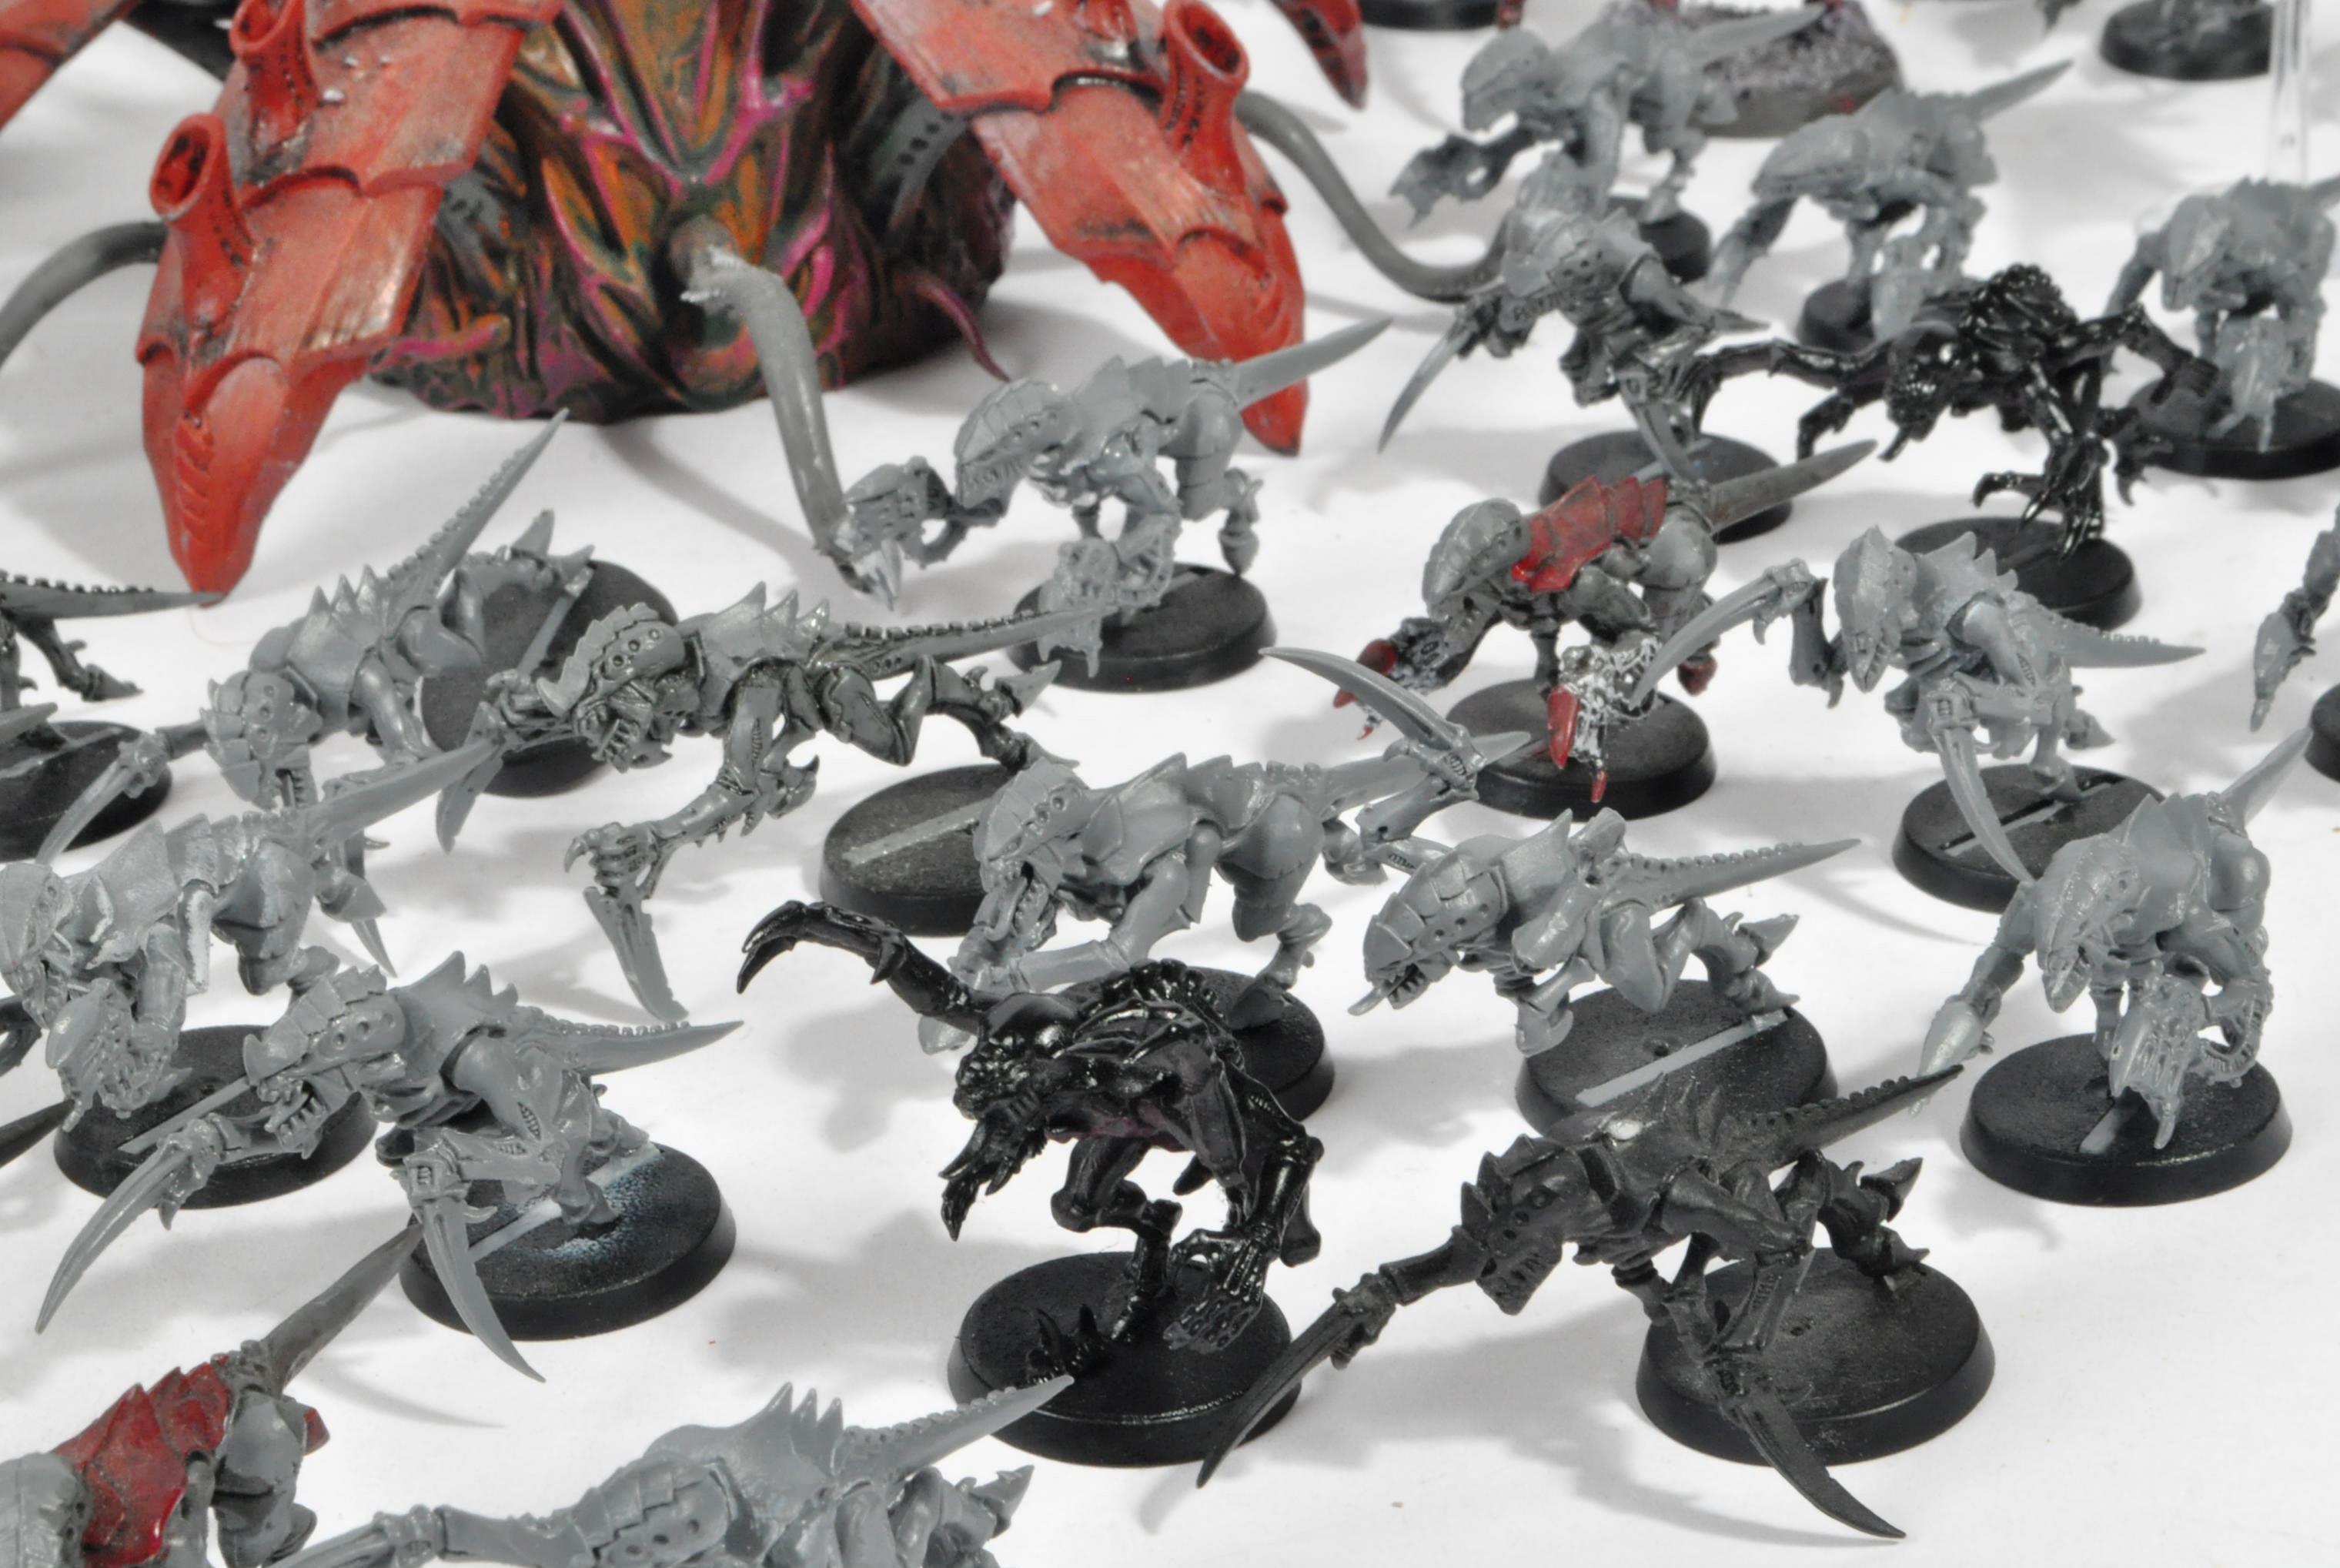 LARGE WARHAMMER 40K TYRANID ARMY - Image 11 of 12